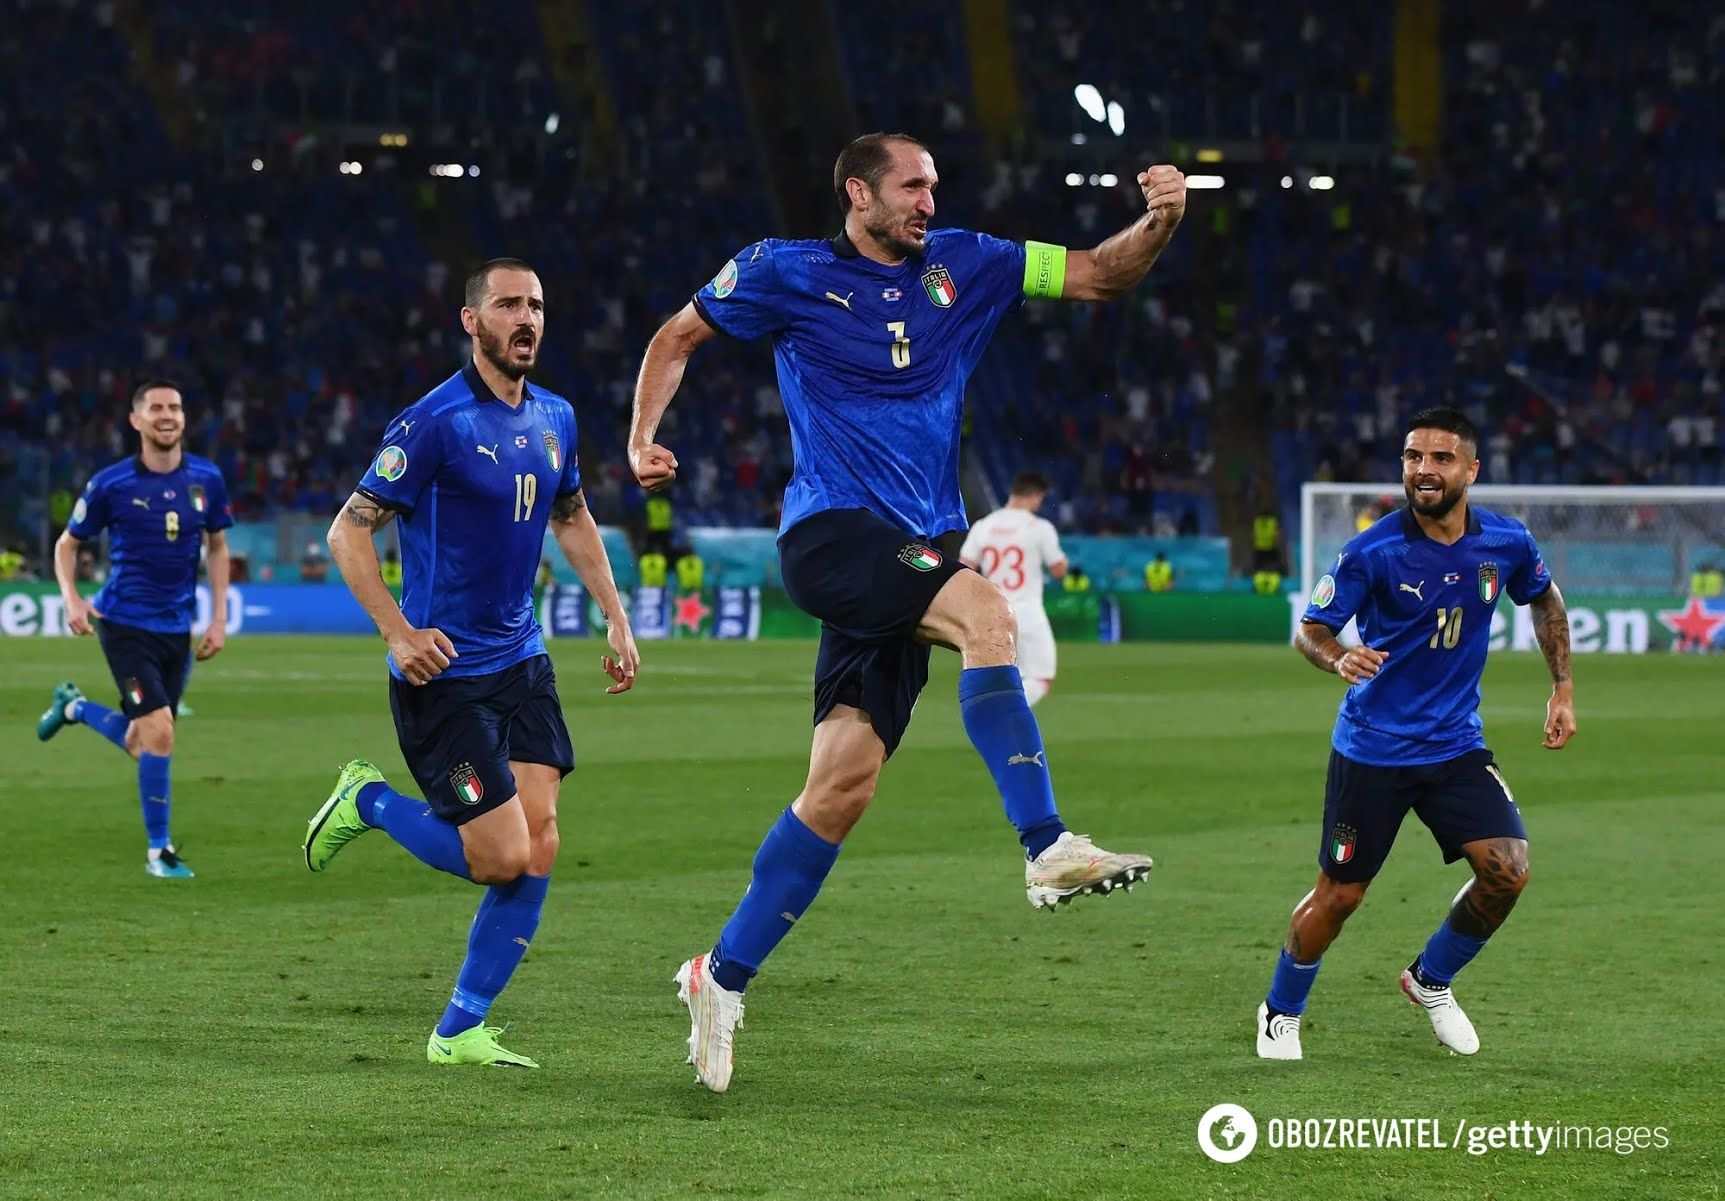 Итальянцы в двух матчах забили по три гола